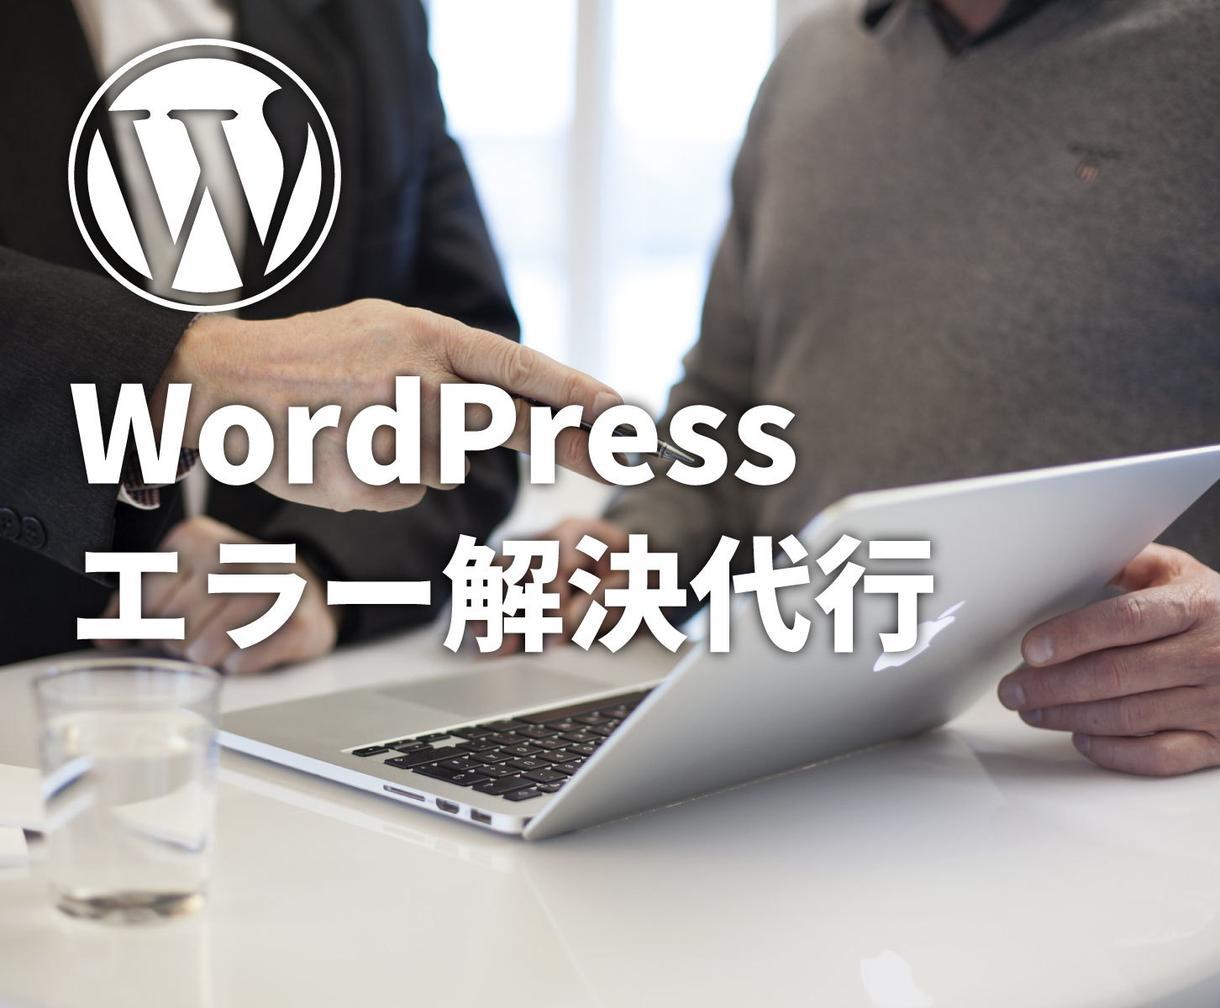 WordPressエラー解決・カスタムの代行します 無料サポートで安心、エラーの解決やデザイン変更を代行します